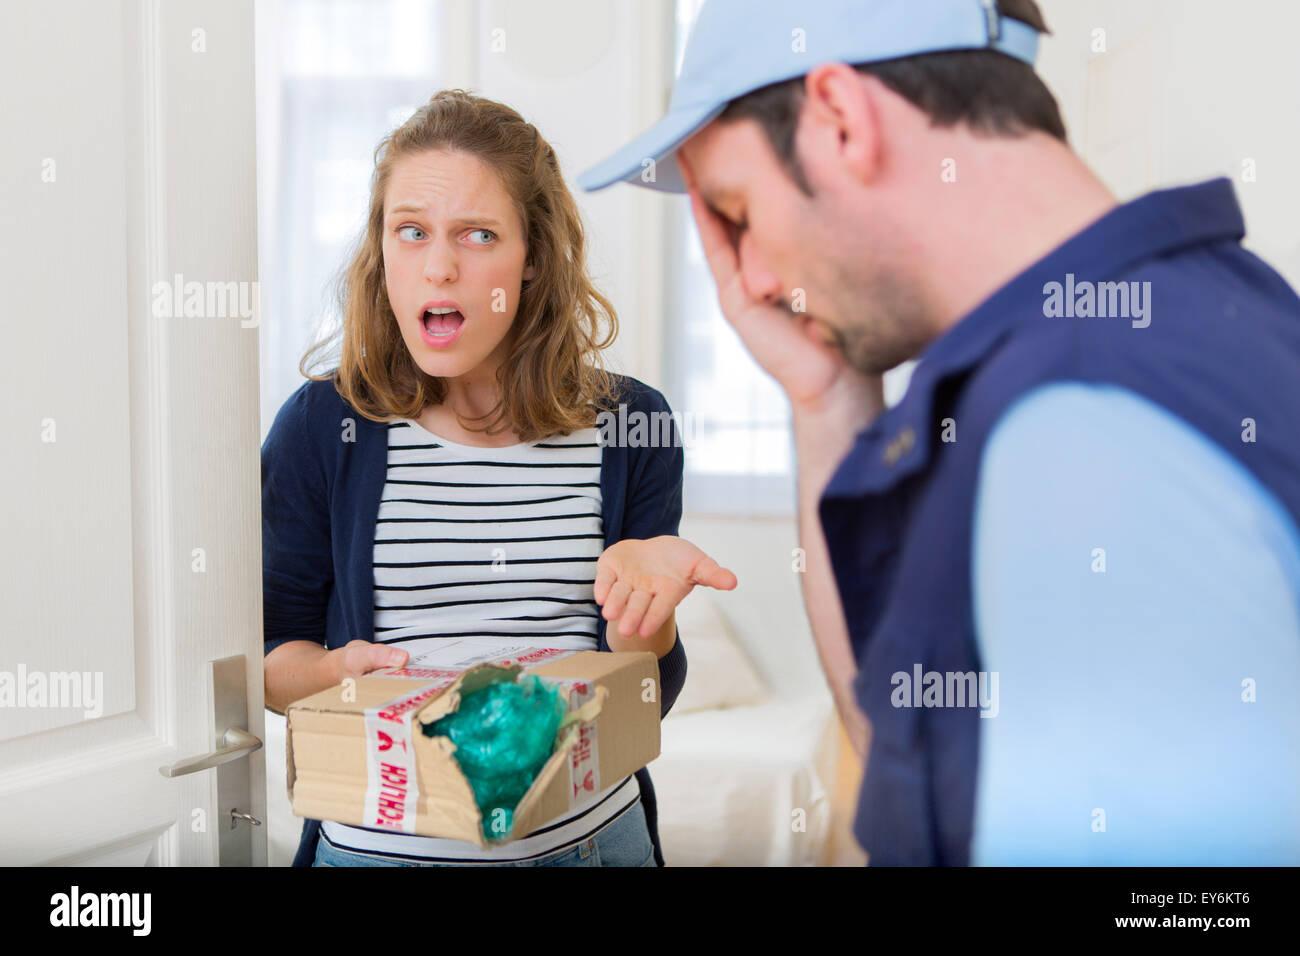 Vue d'une jeune femme séduisante en colère contre l'homme livraison Photo Stock